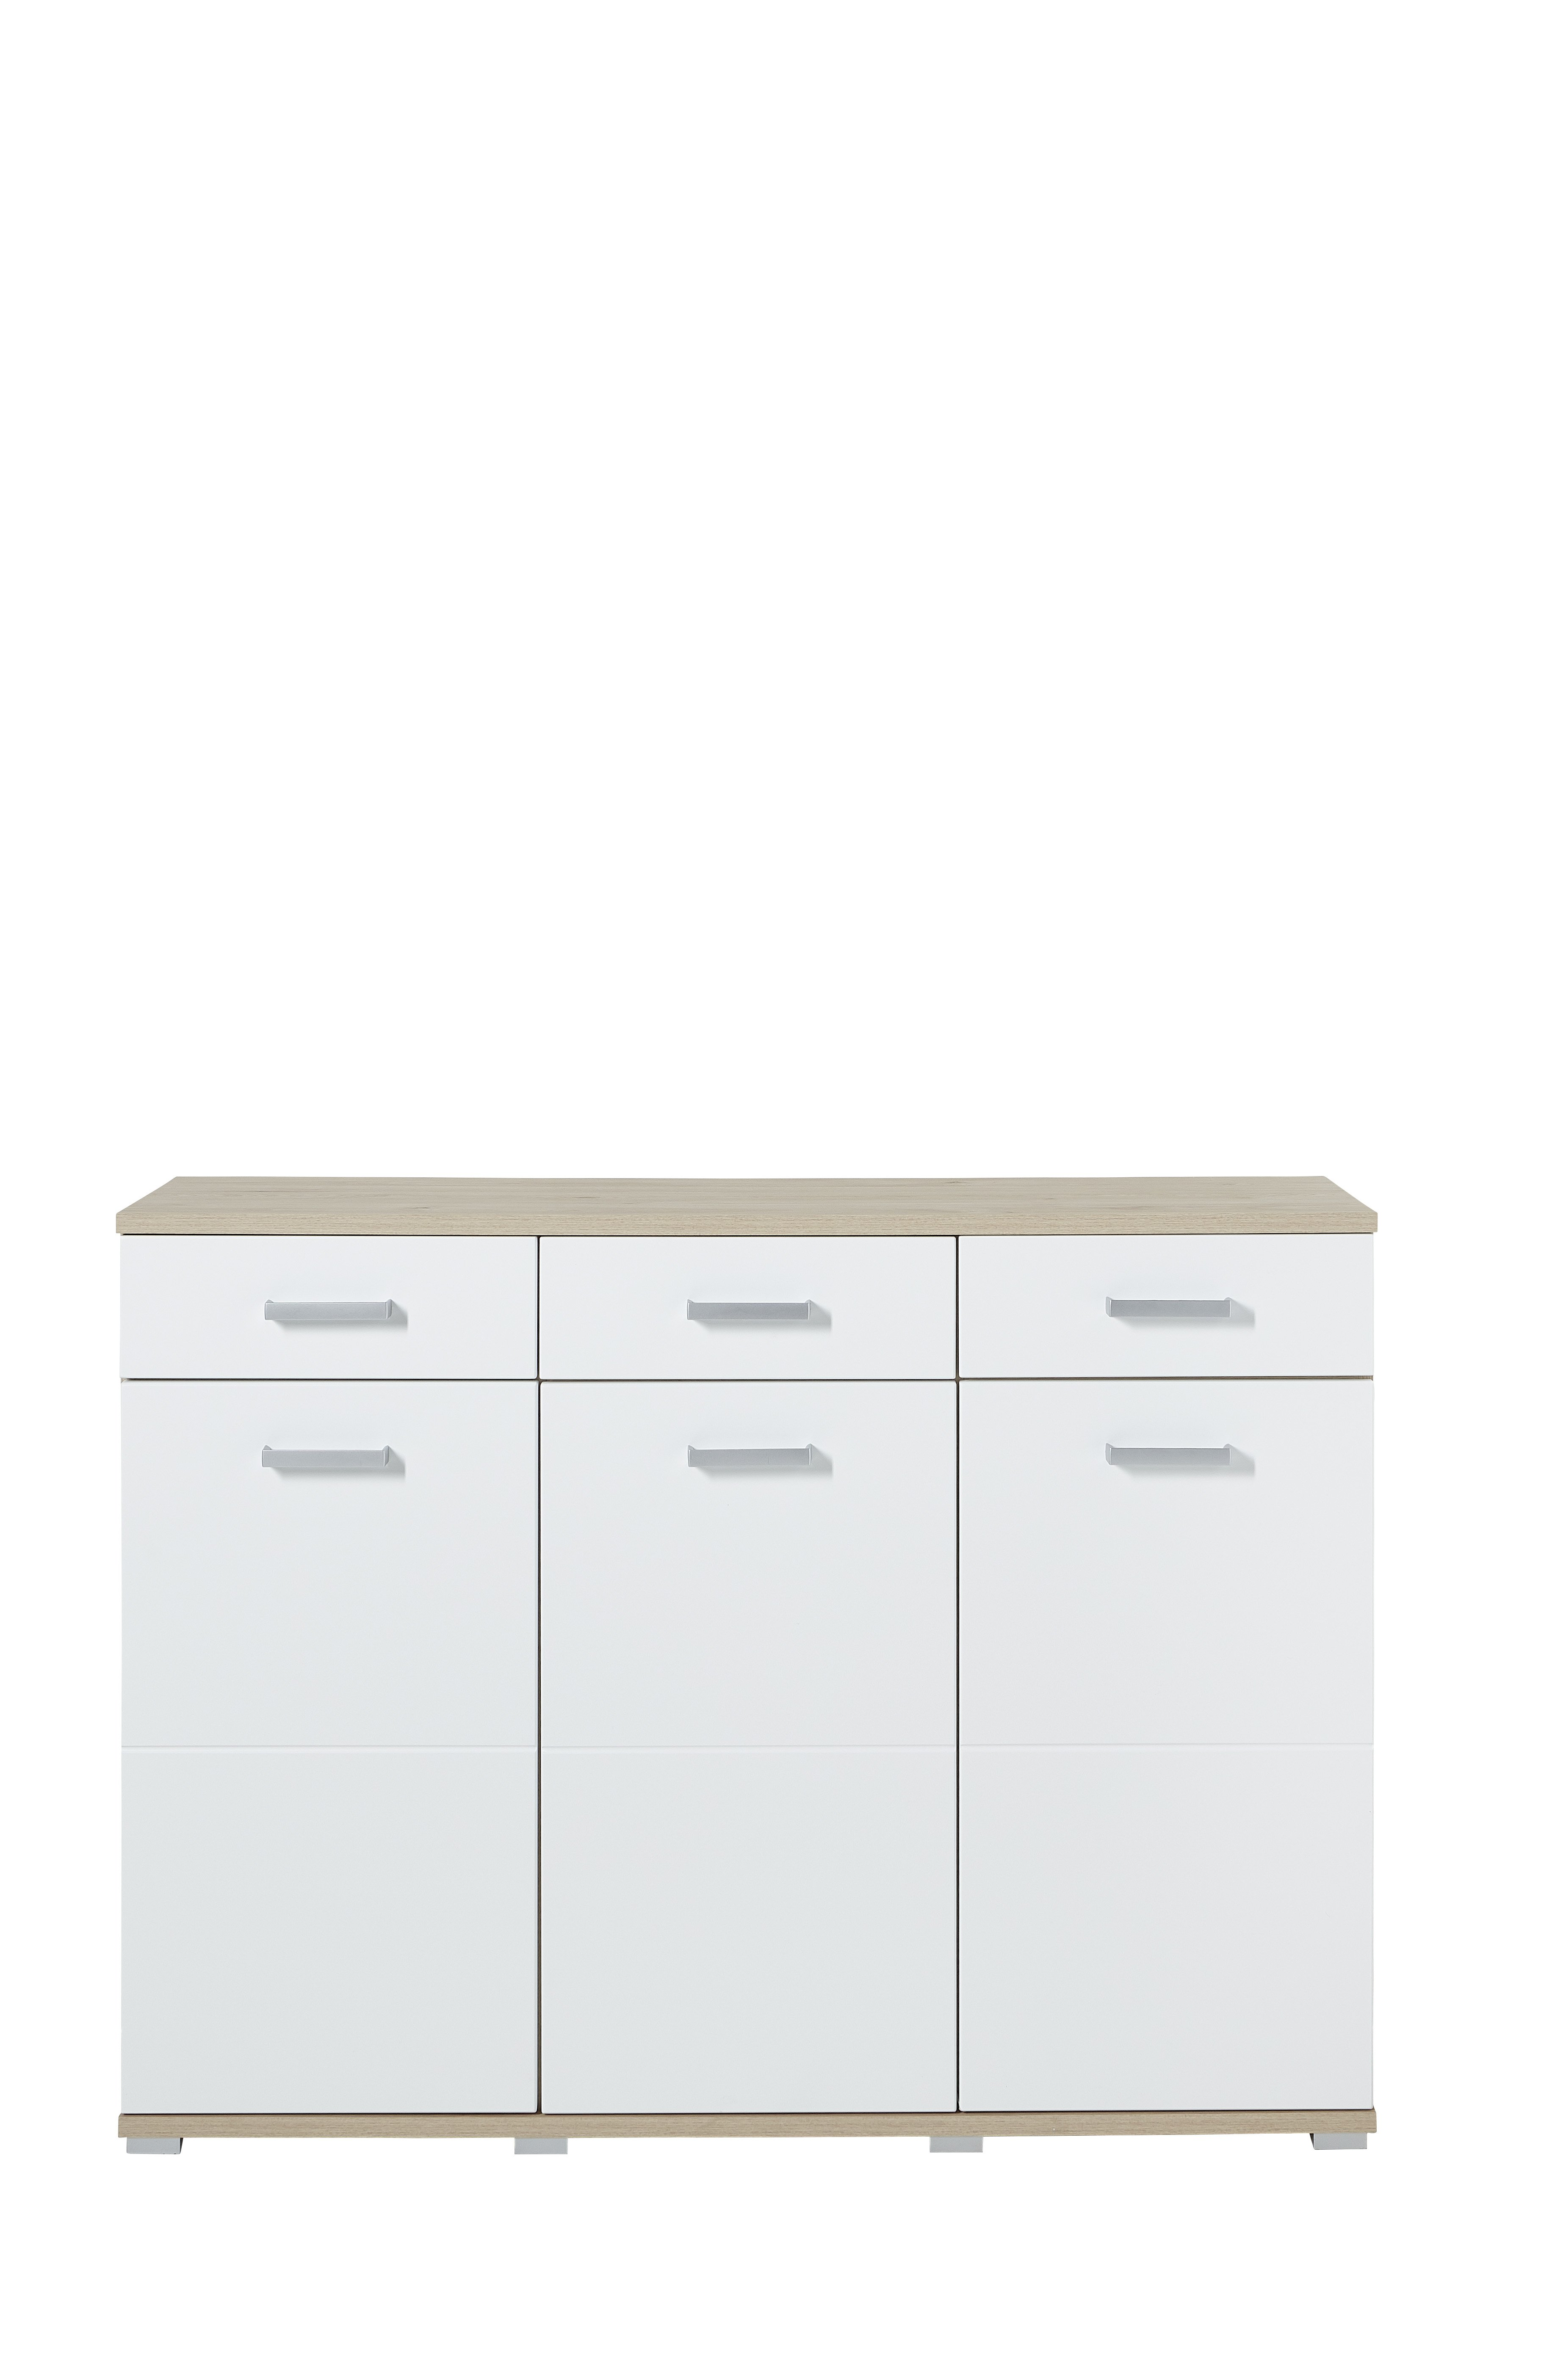 Kommode Arkona, weiß, braun, Eiche, Holz, Beschichtete Spanplatte